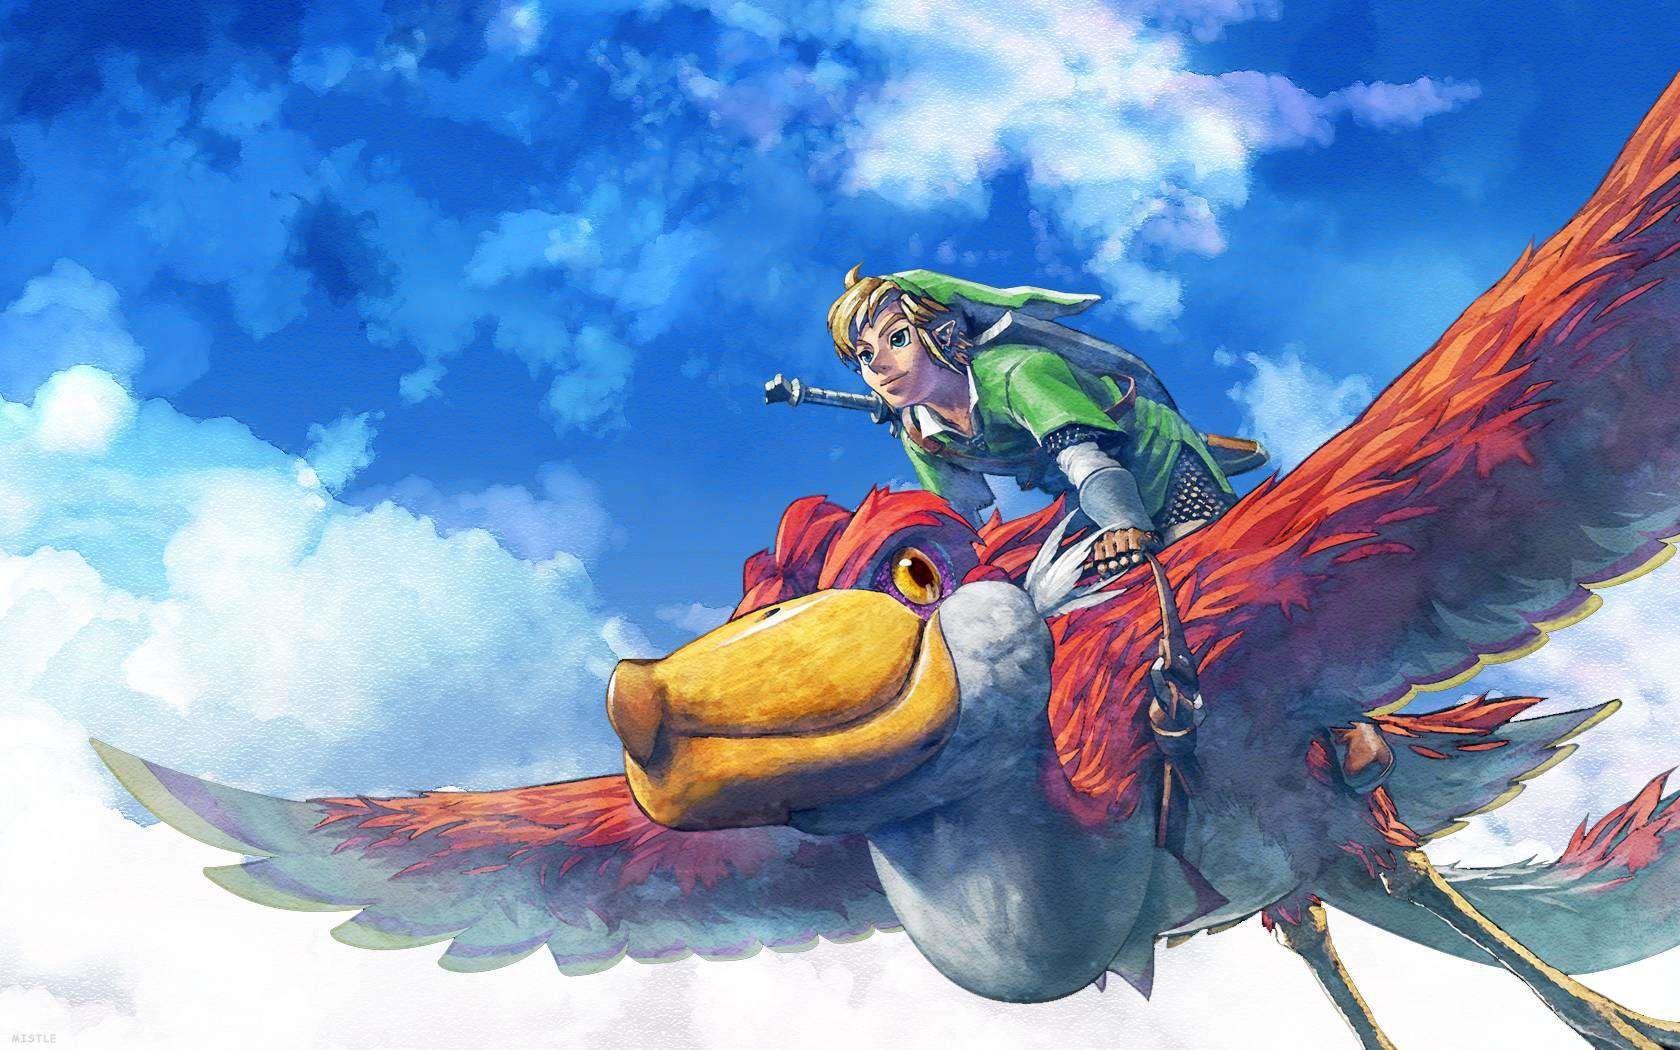 The Legend Of Zelda Skyward Sword Wallpaper 1920x1080 216452